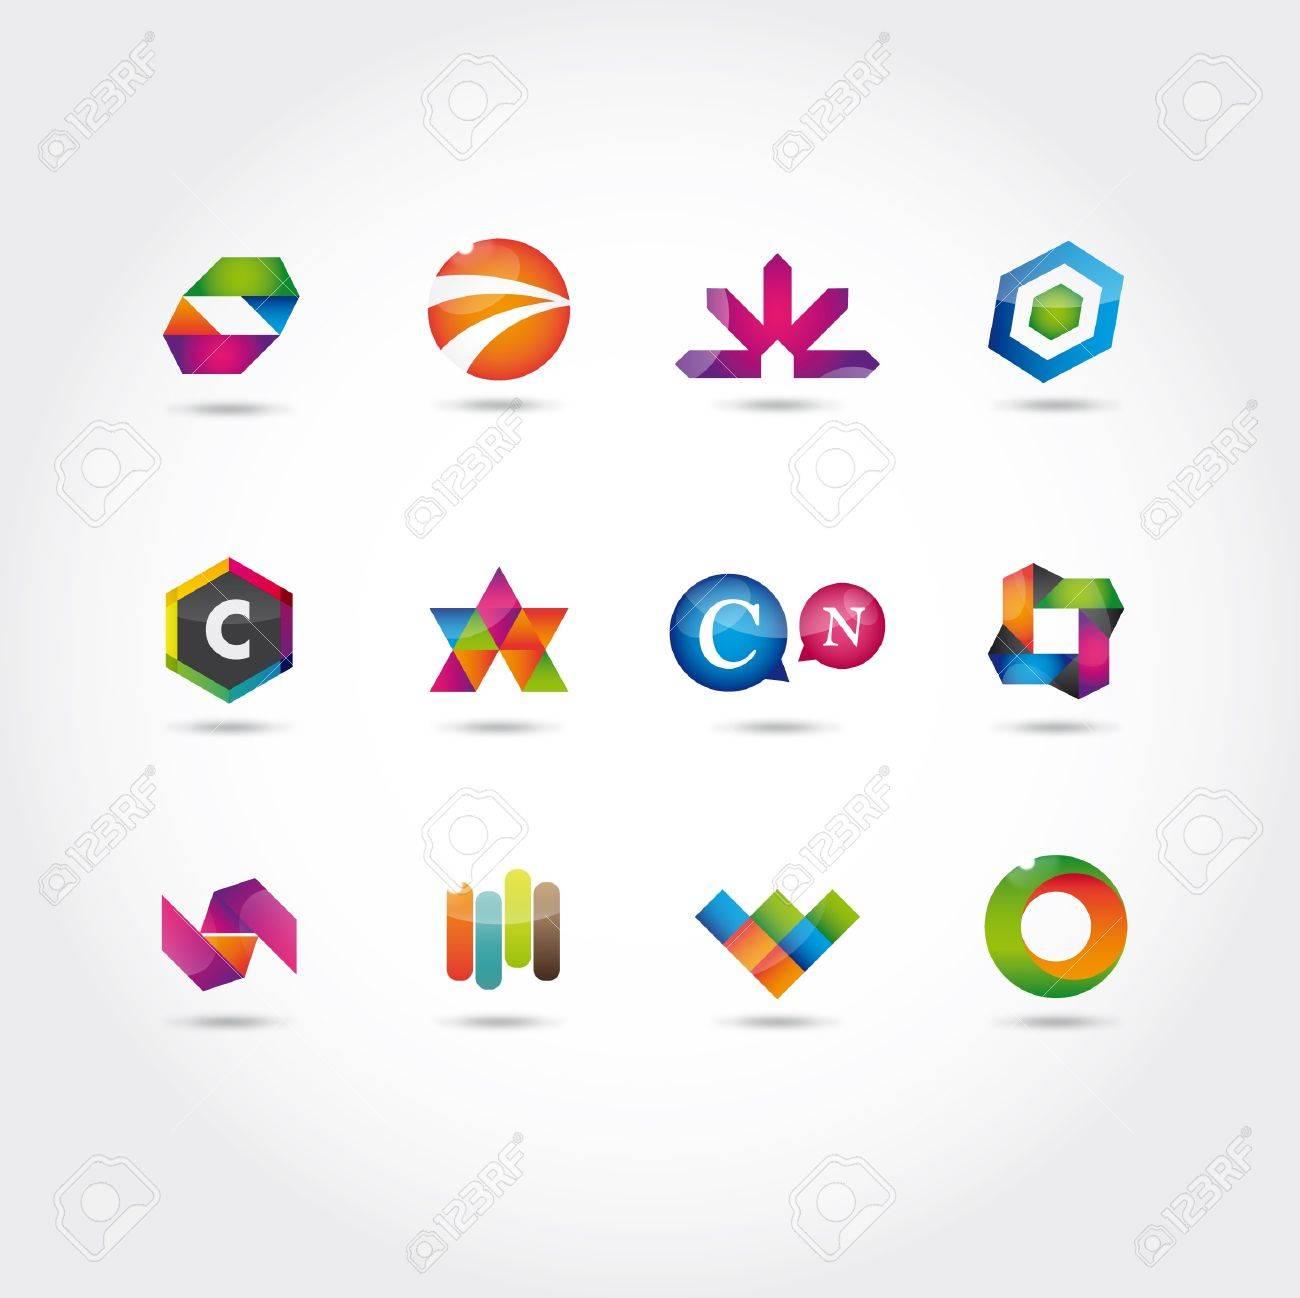 Glänzend Und Bunten Logo Und Symbole Vorlage Lizenzfrei Nutzbare ...